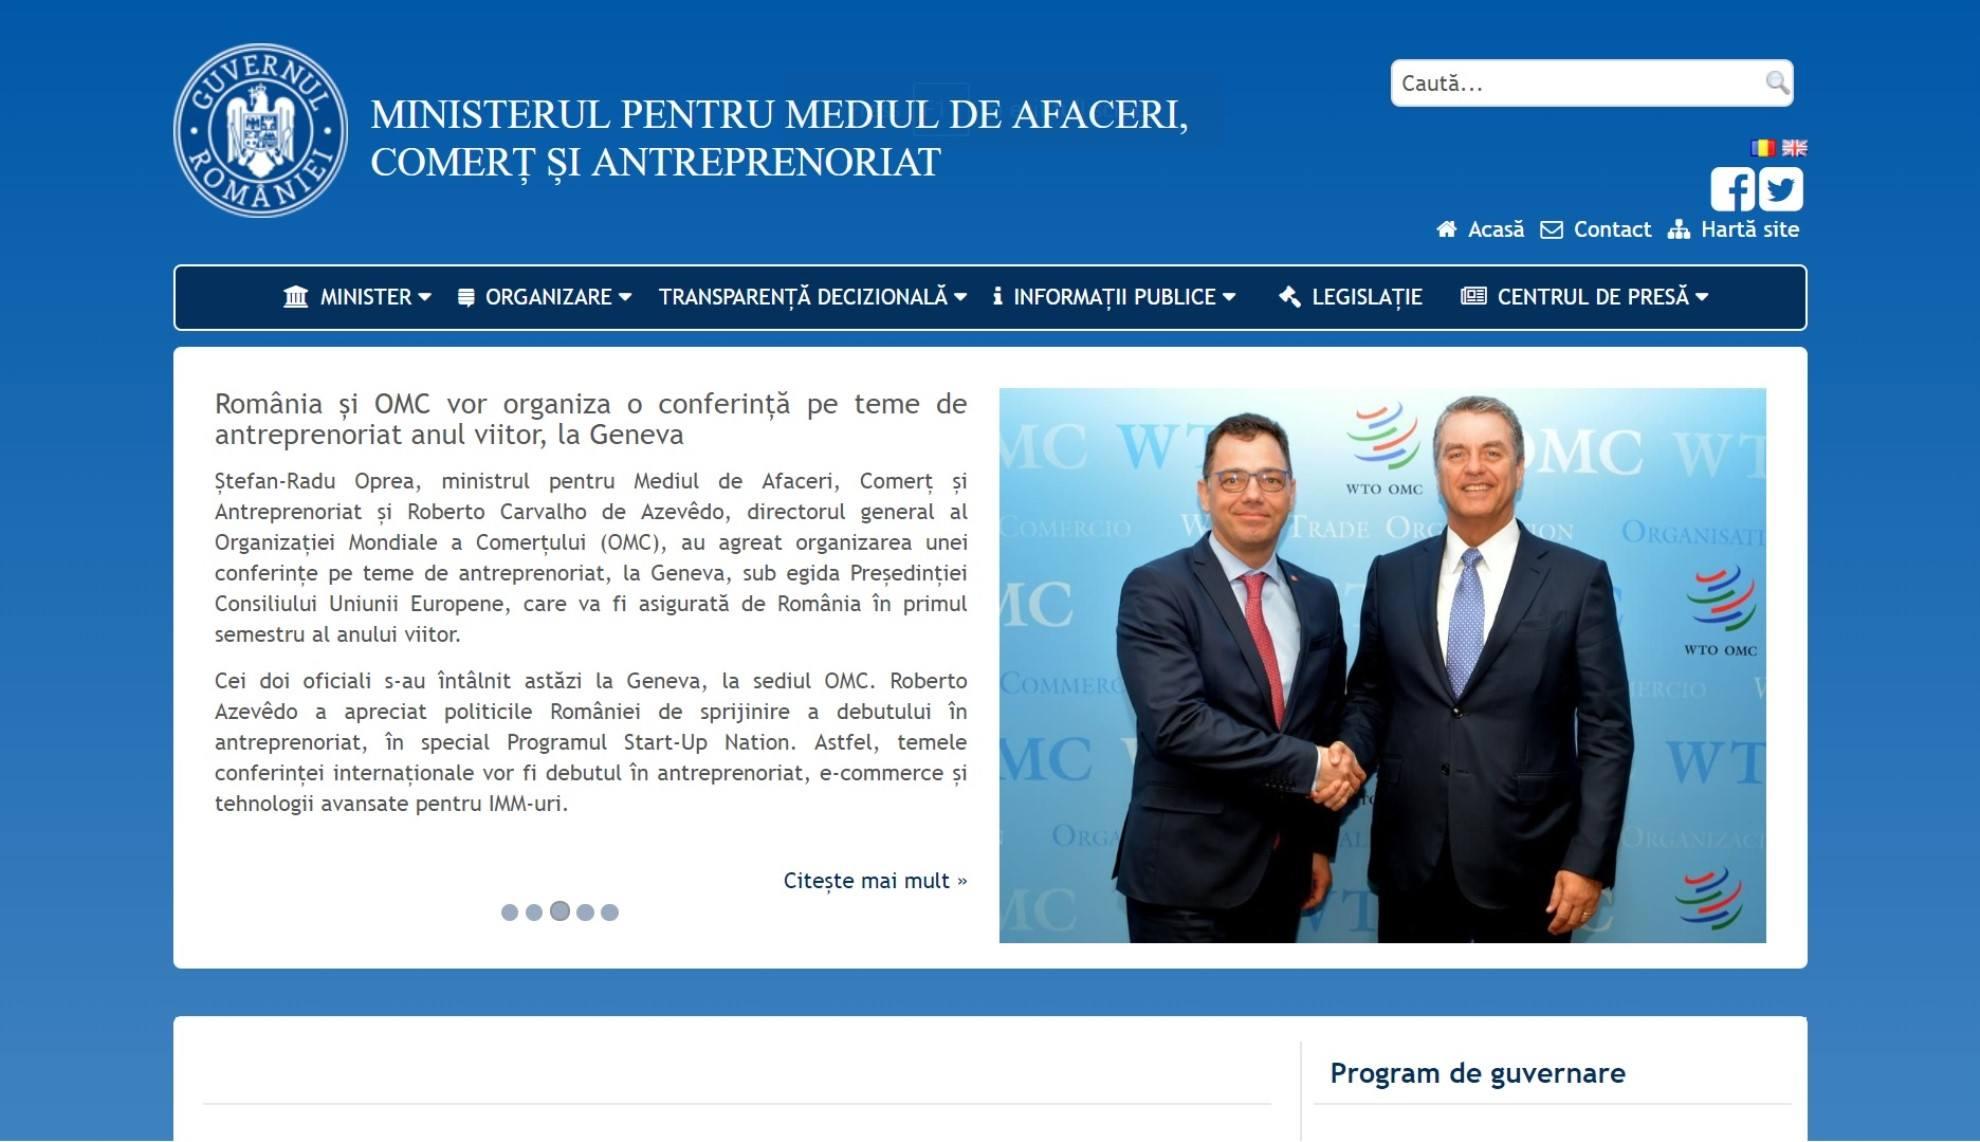 IMM - Ministerul pentru Mediul de Afaceri, Comert si Antreprenoriat